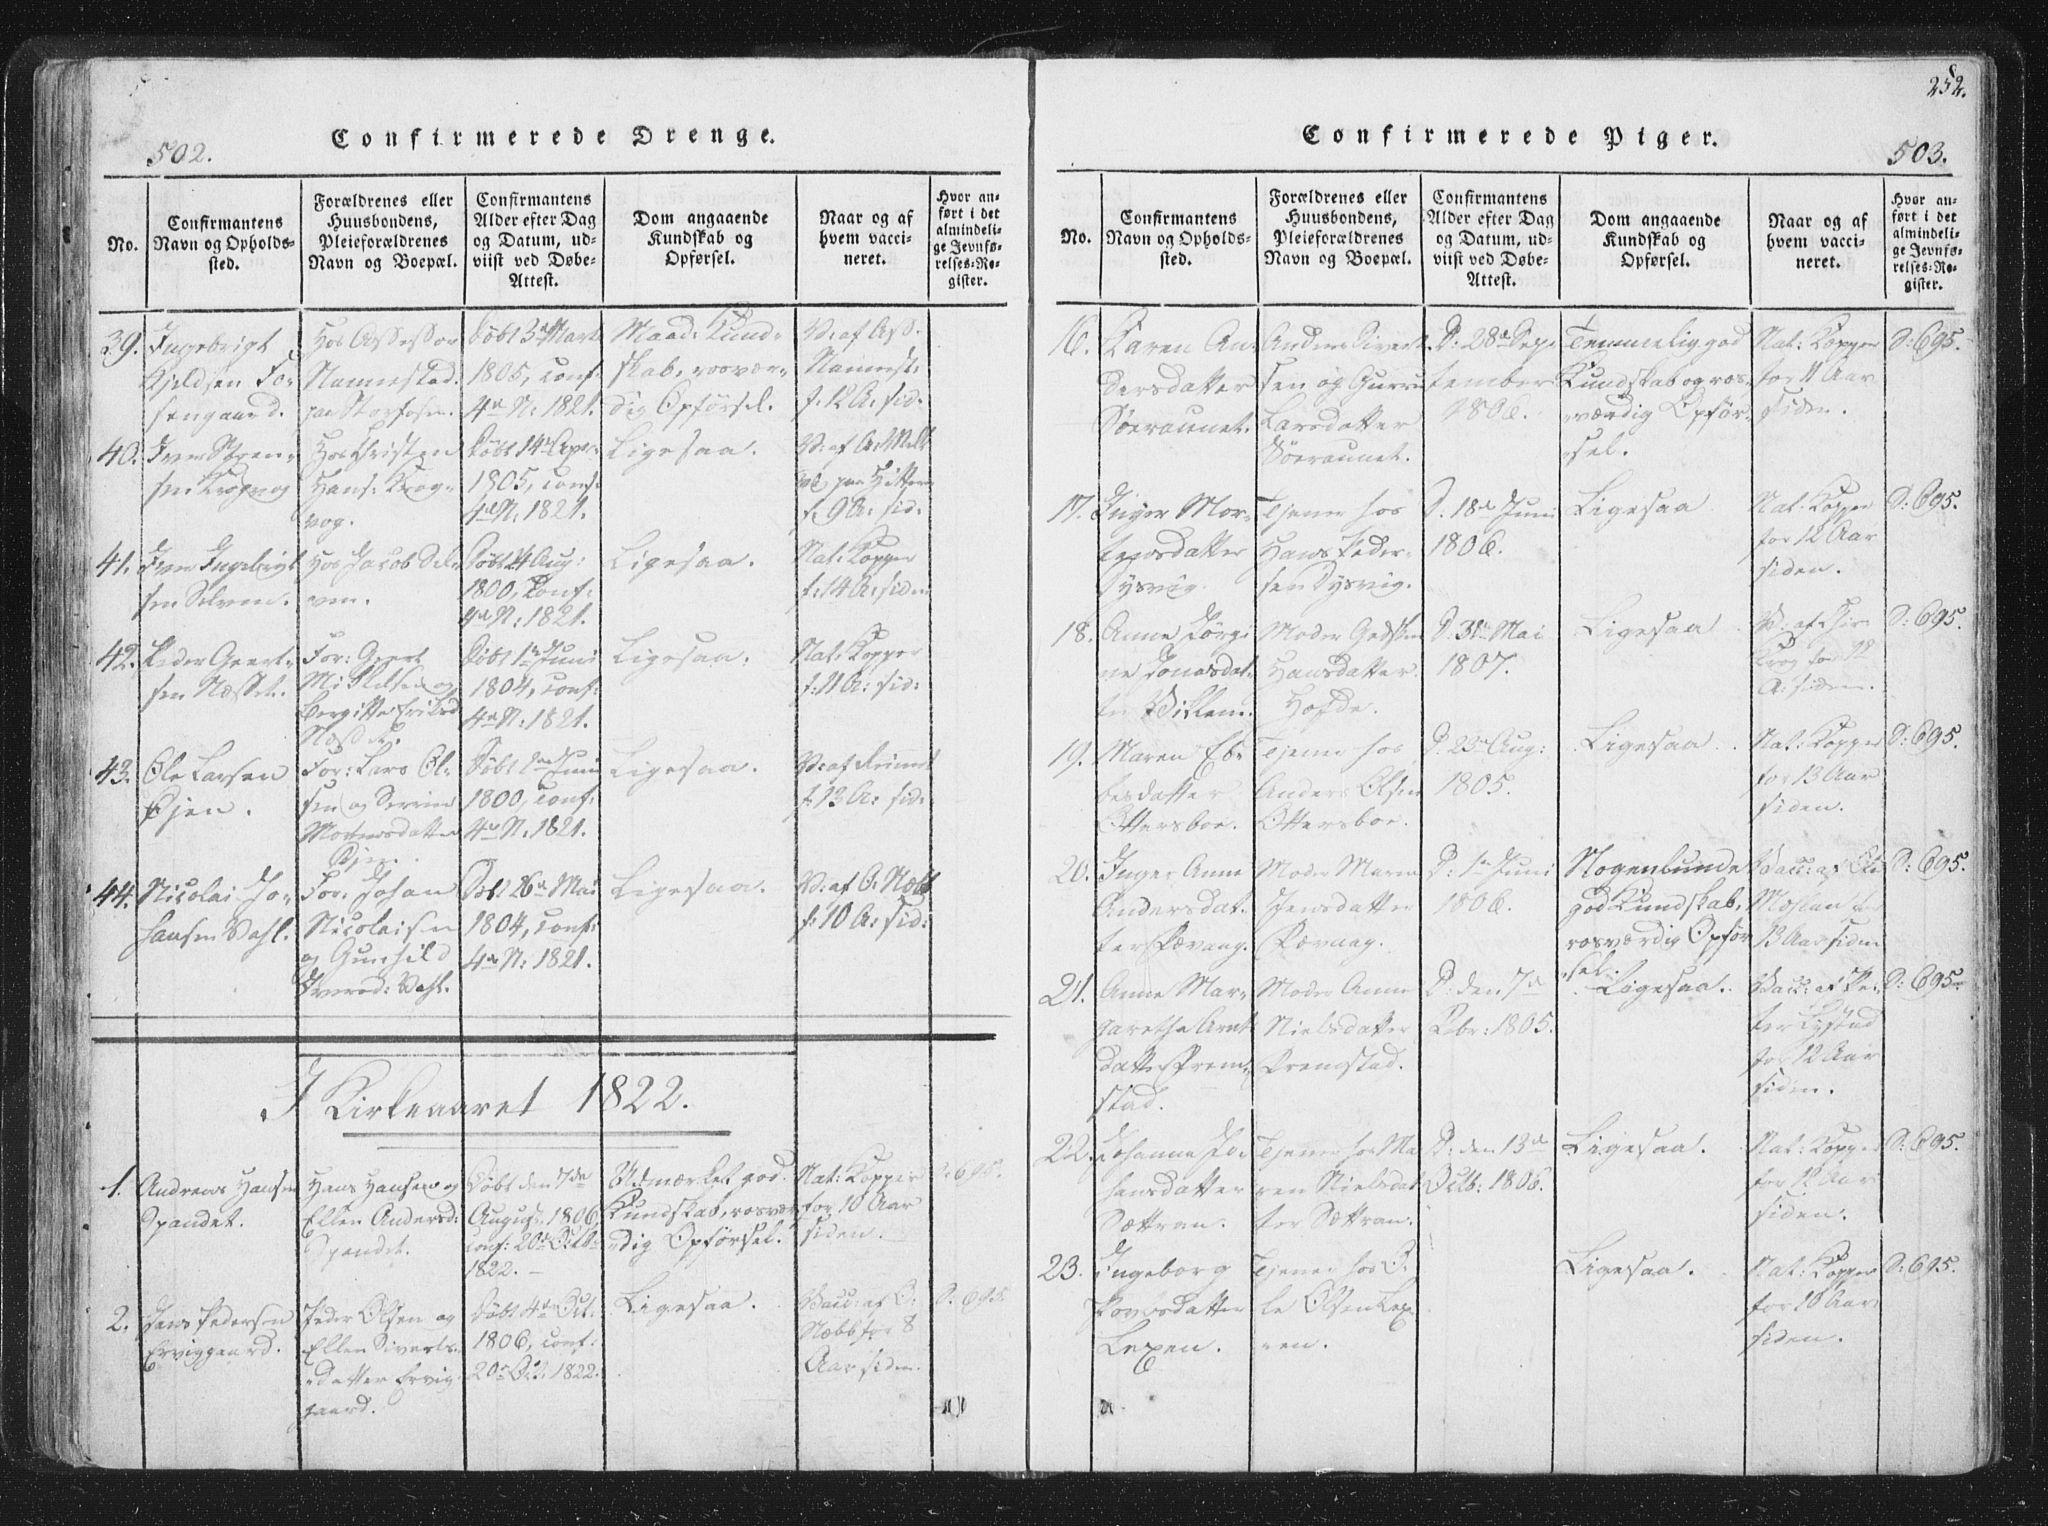 SAT, Ministerialprotokoller, klokkerbøker og fødselsregistre - Sør-Trøndelag, 659/L0734: Ministerialbok nr. 659A04, 1818-1825, s. 502-503